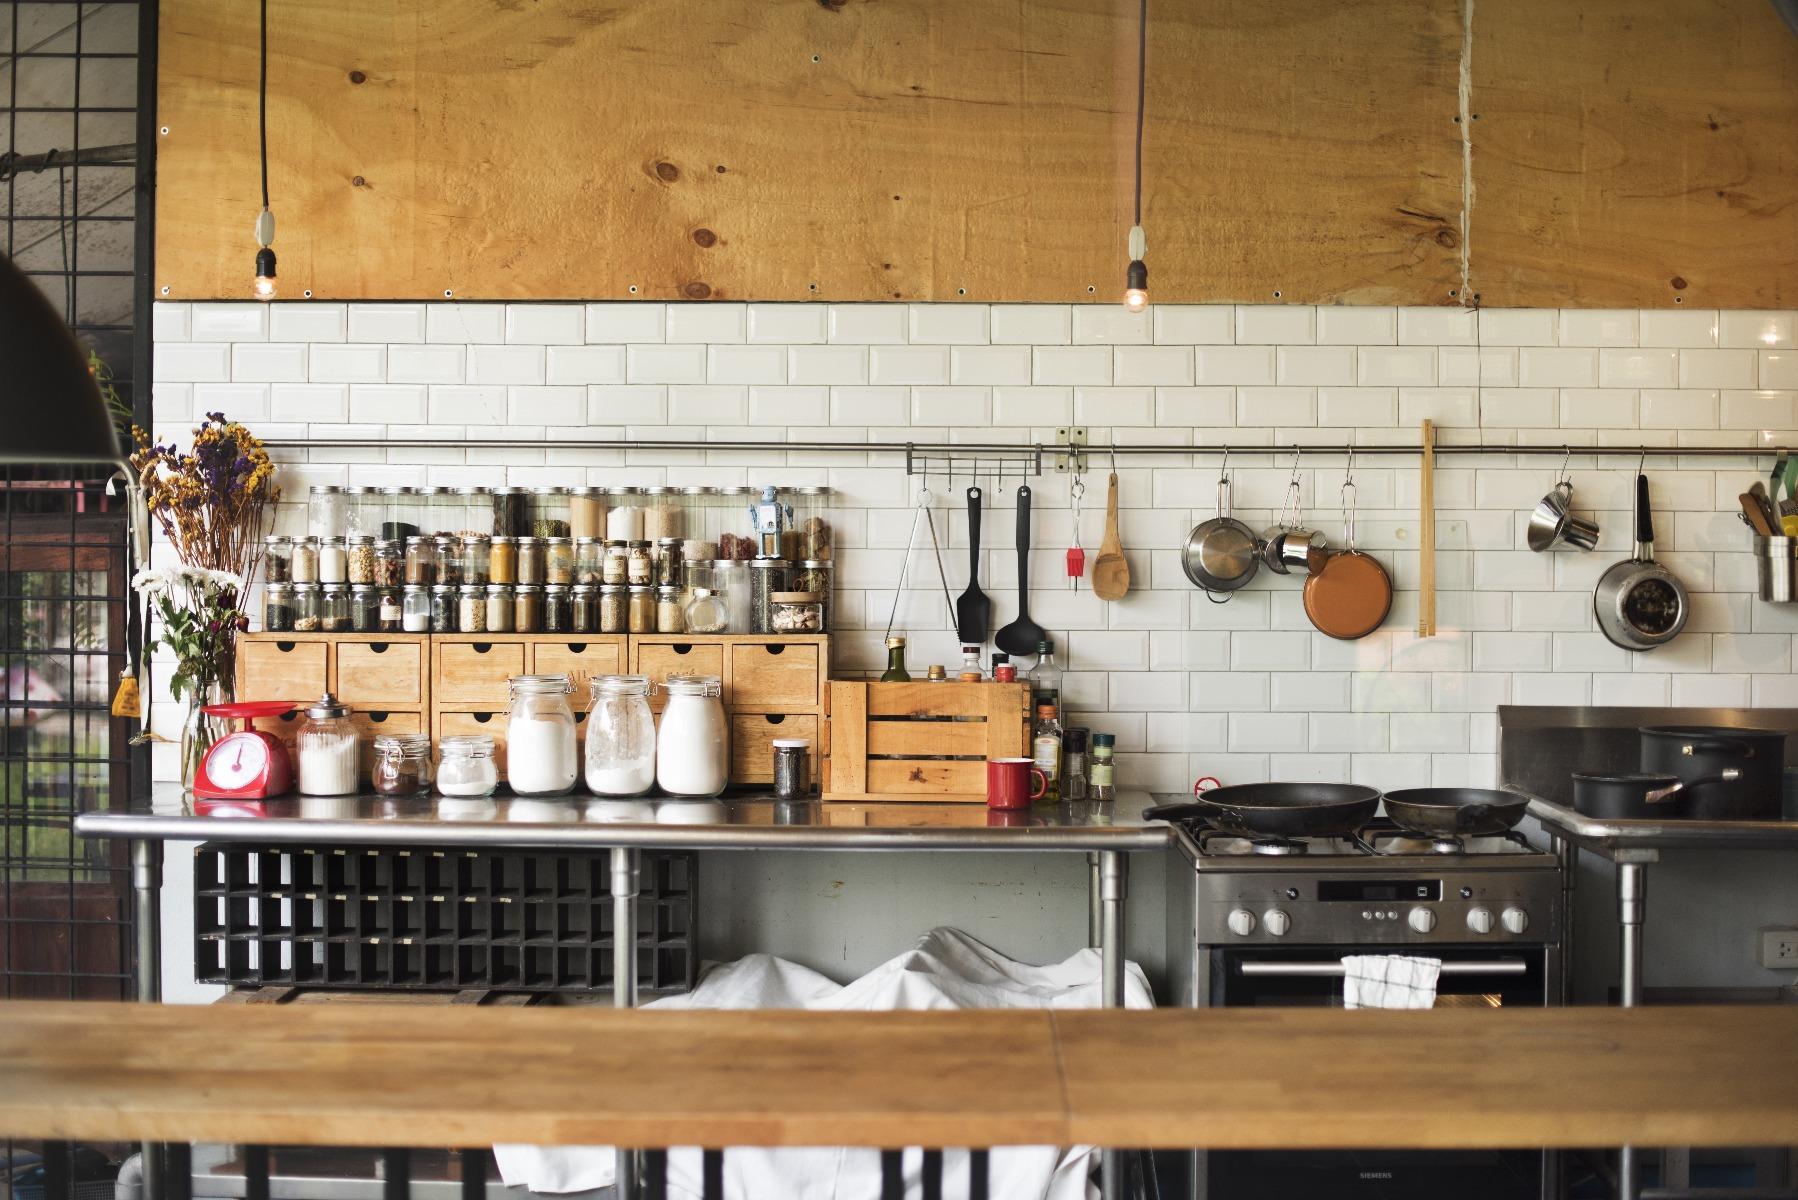 Das Bild zeigt eine dekorierte Küchenwand.